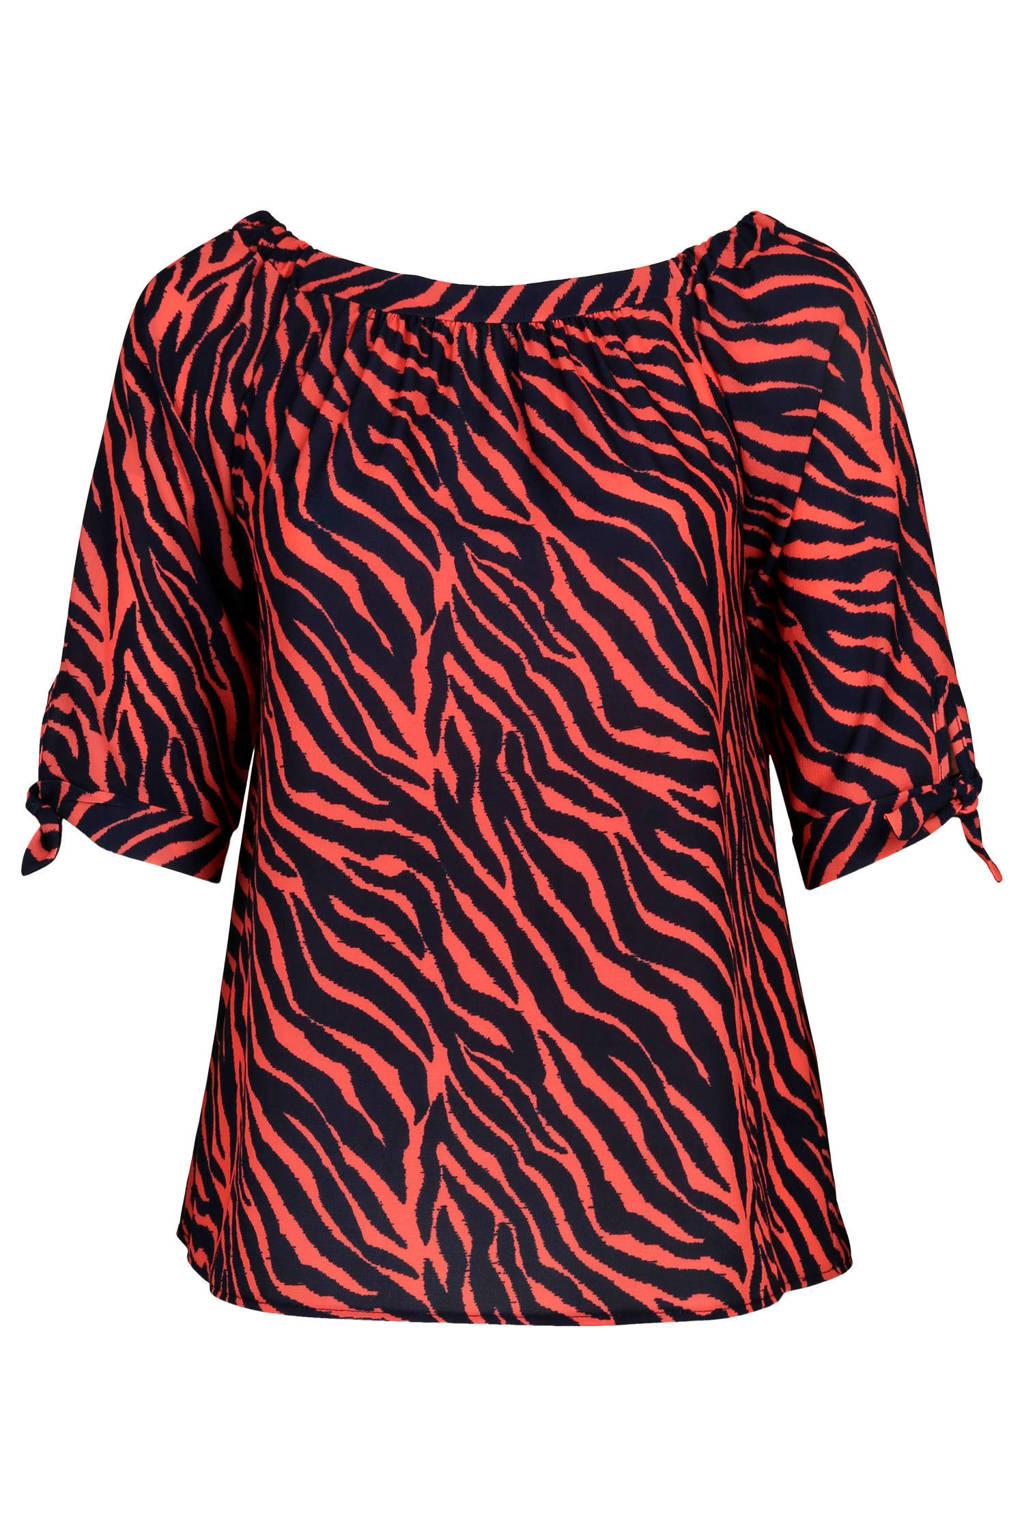 Paprika top met zebraprint, Rood/zwart